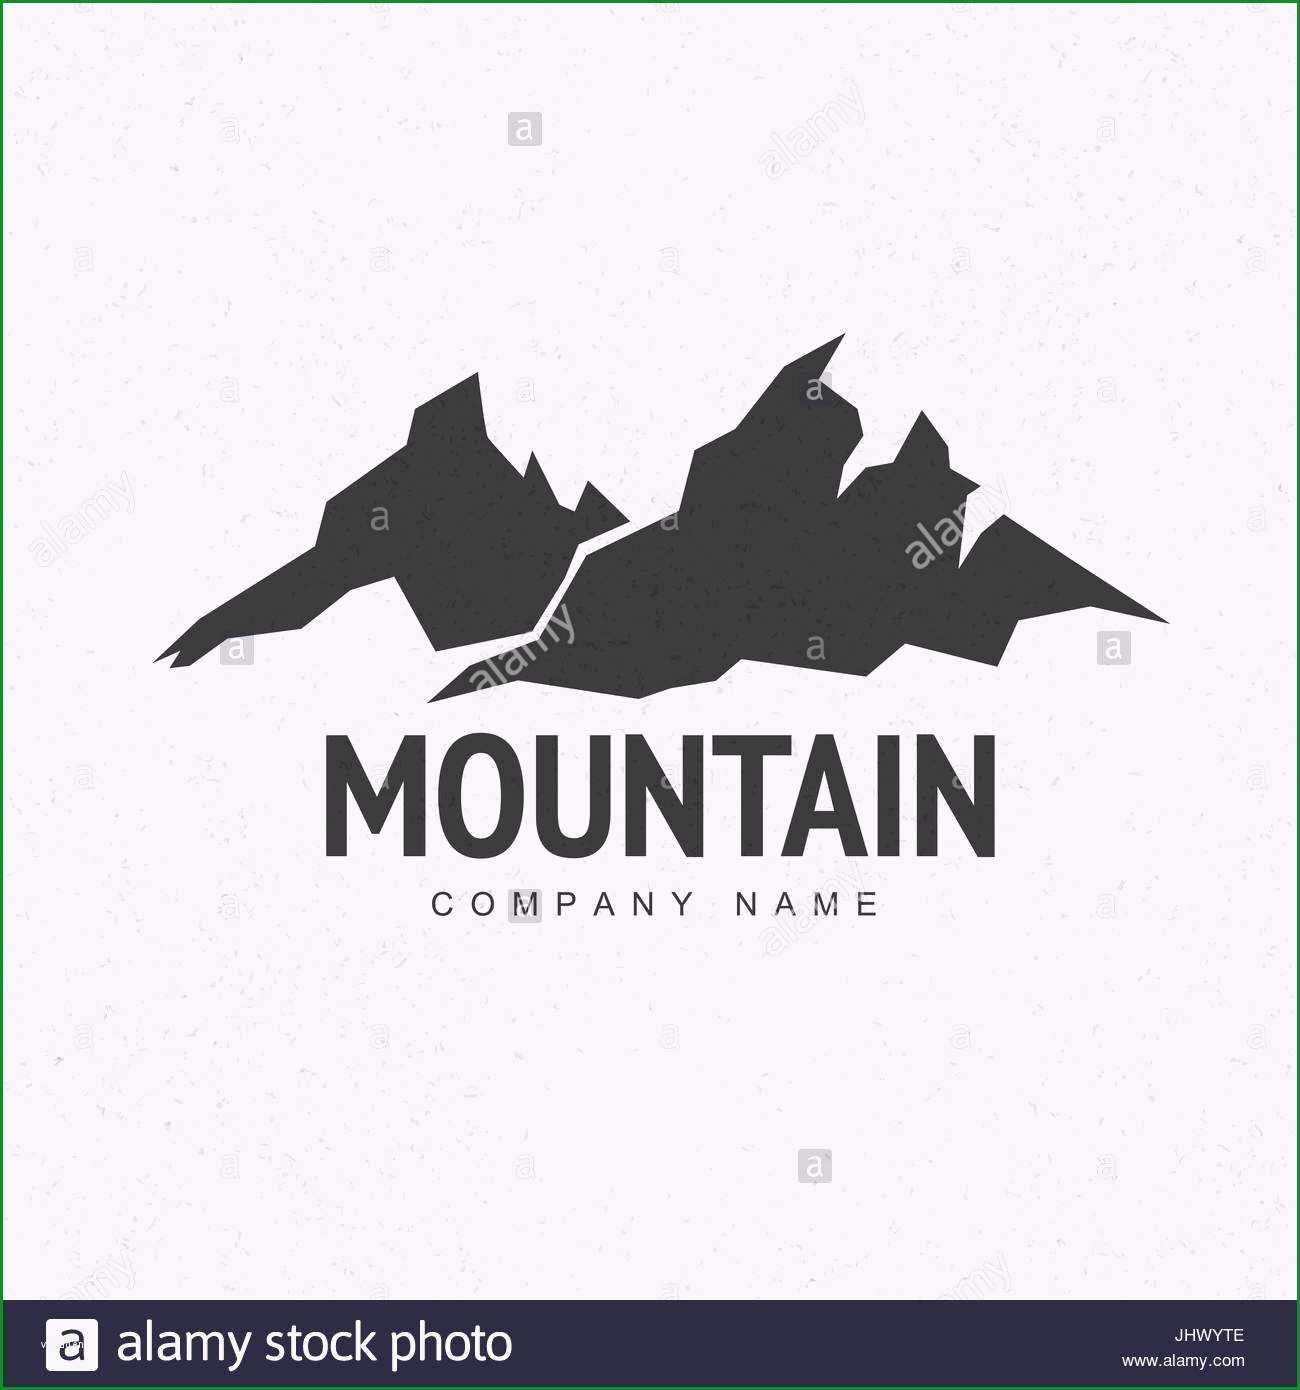 stockfoto der gipfel berge logo vorlage mit abstrakten hintergrund monochrom abstrakt gebirgshintergrund bergsteigen und reisen symbol